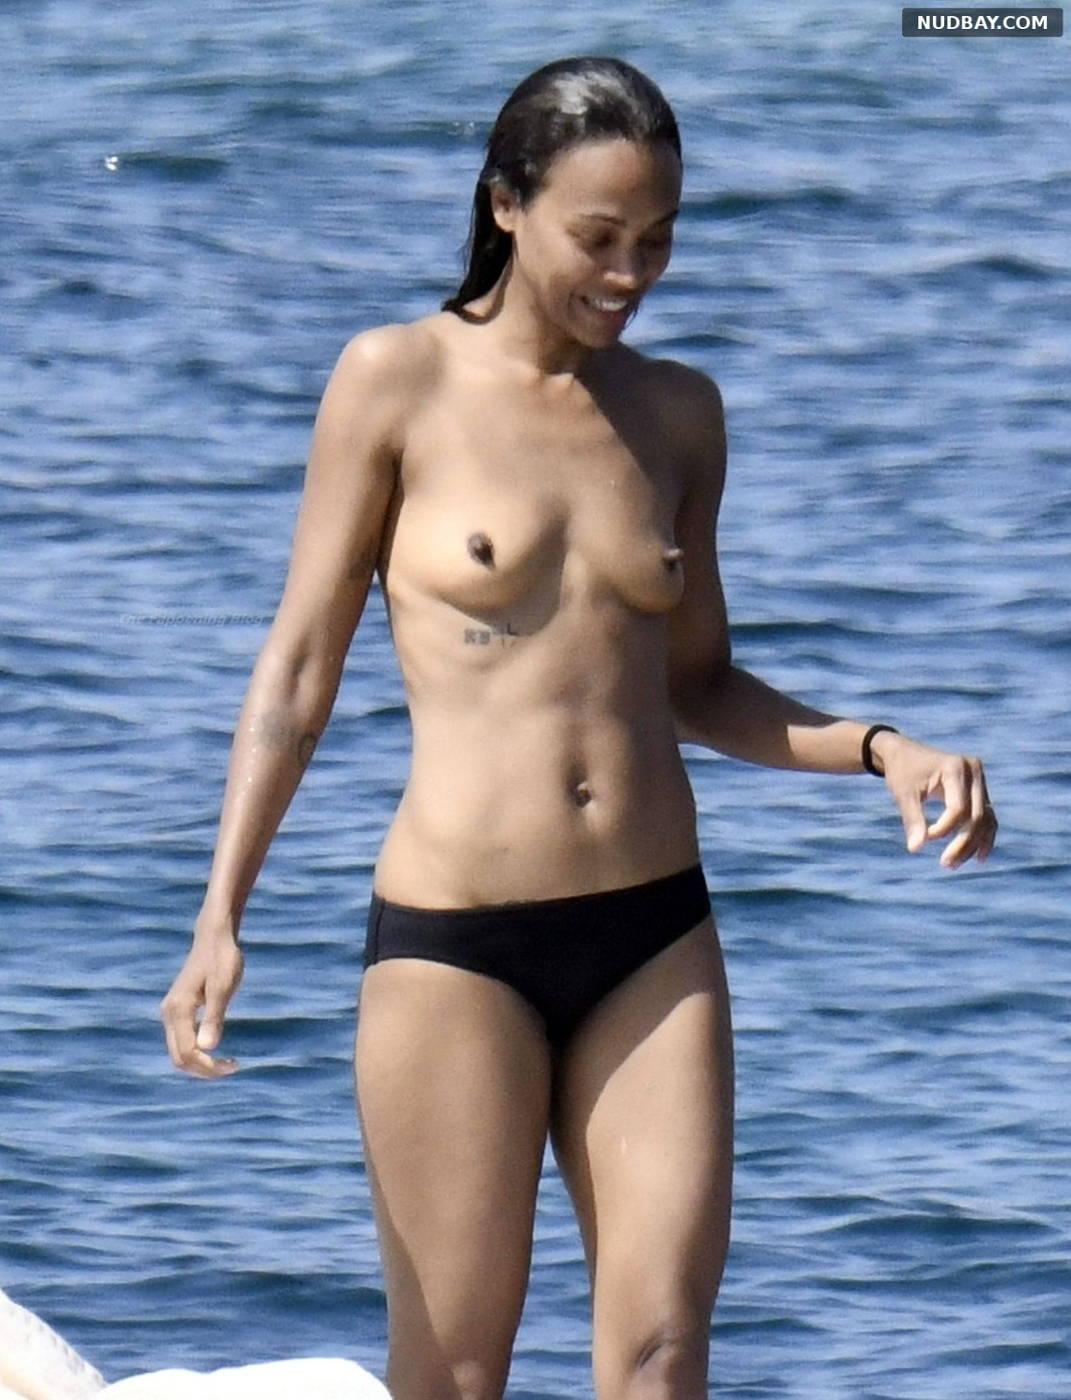 Zoe Saldana naked on a boat in Italy Aug 17 2021